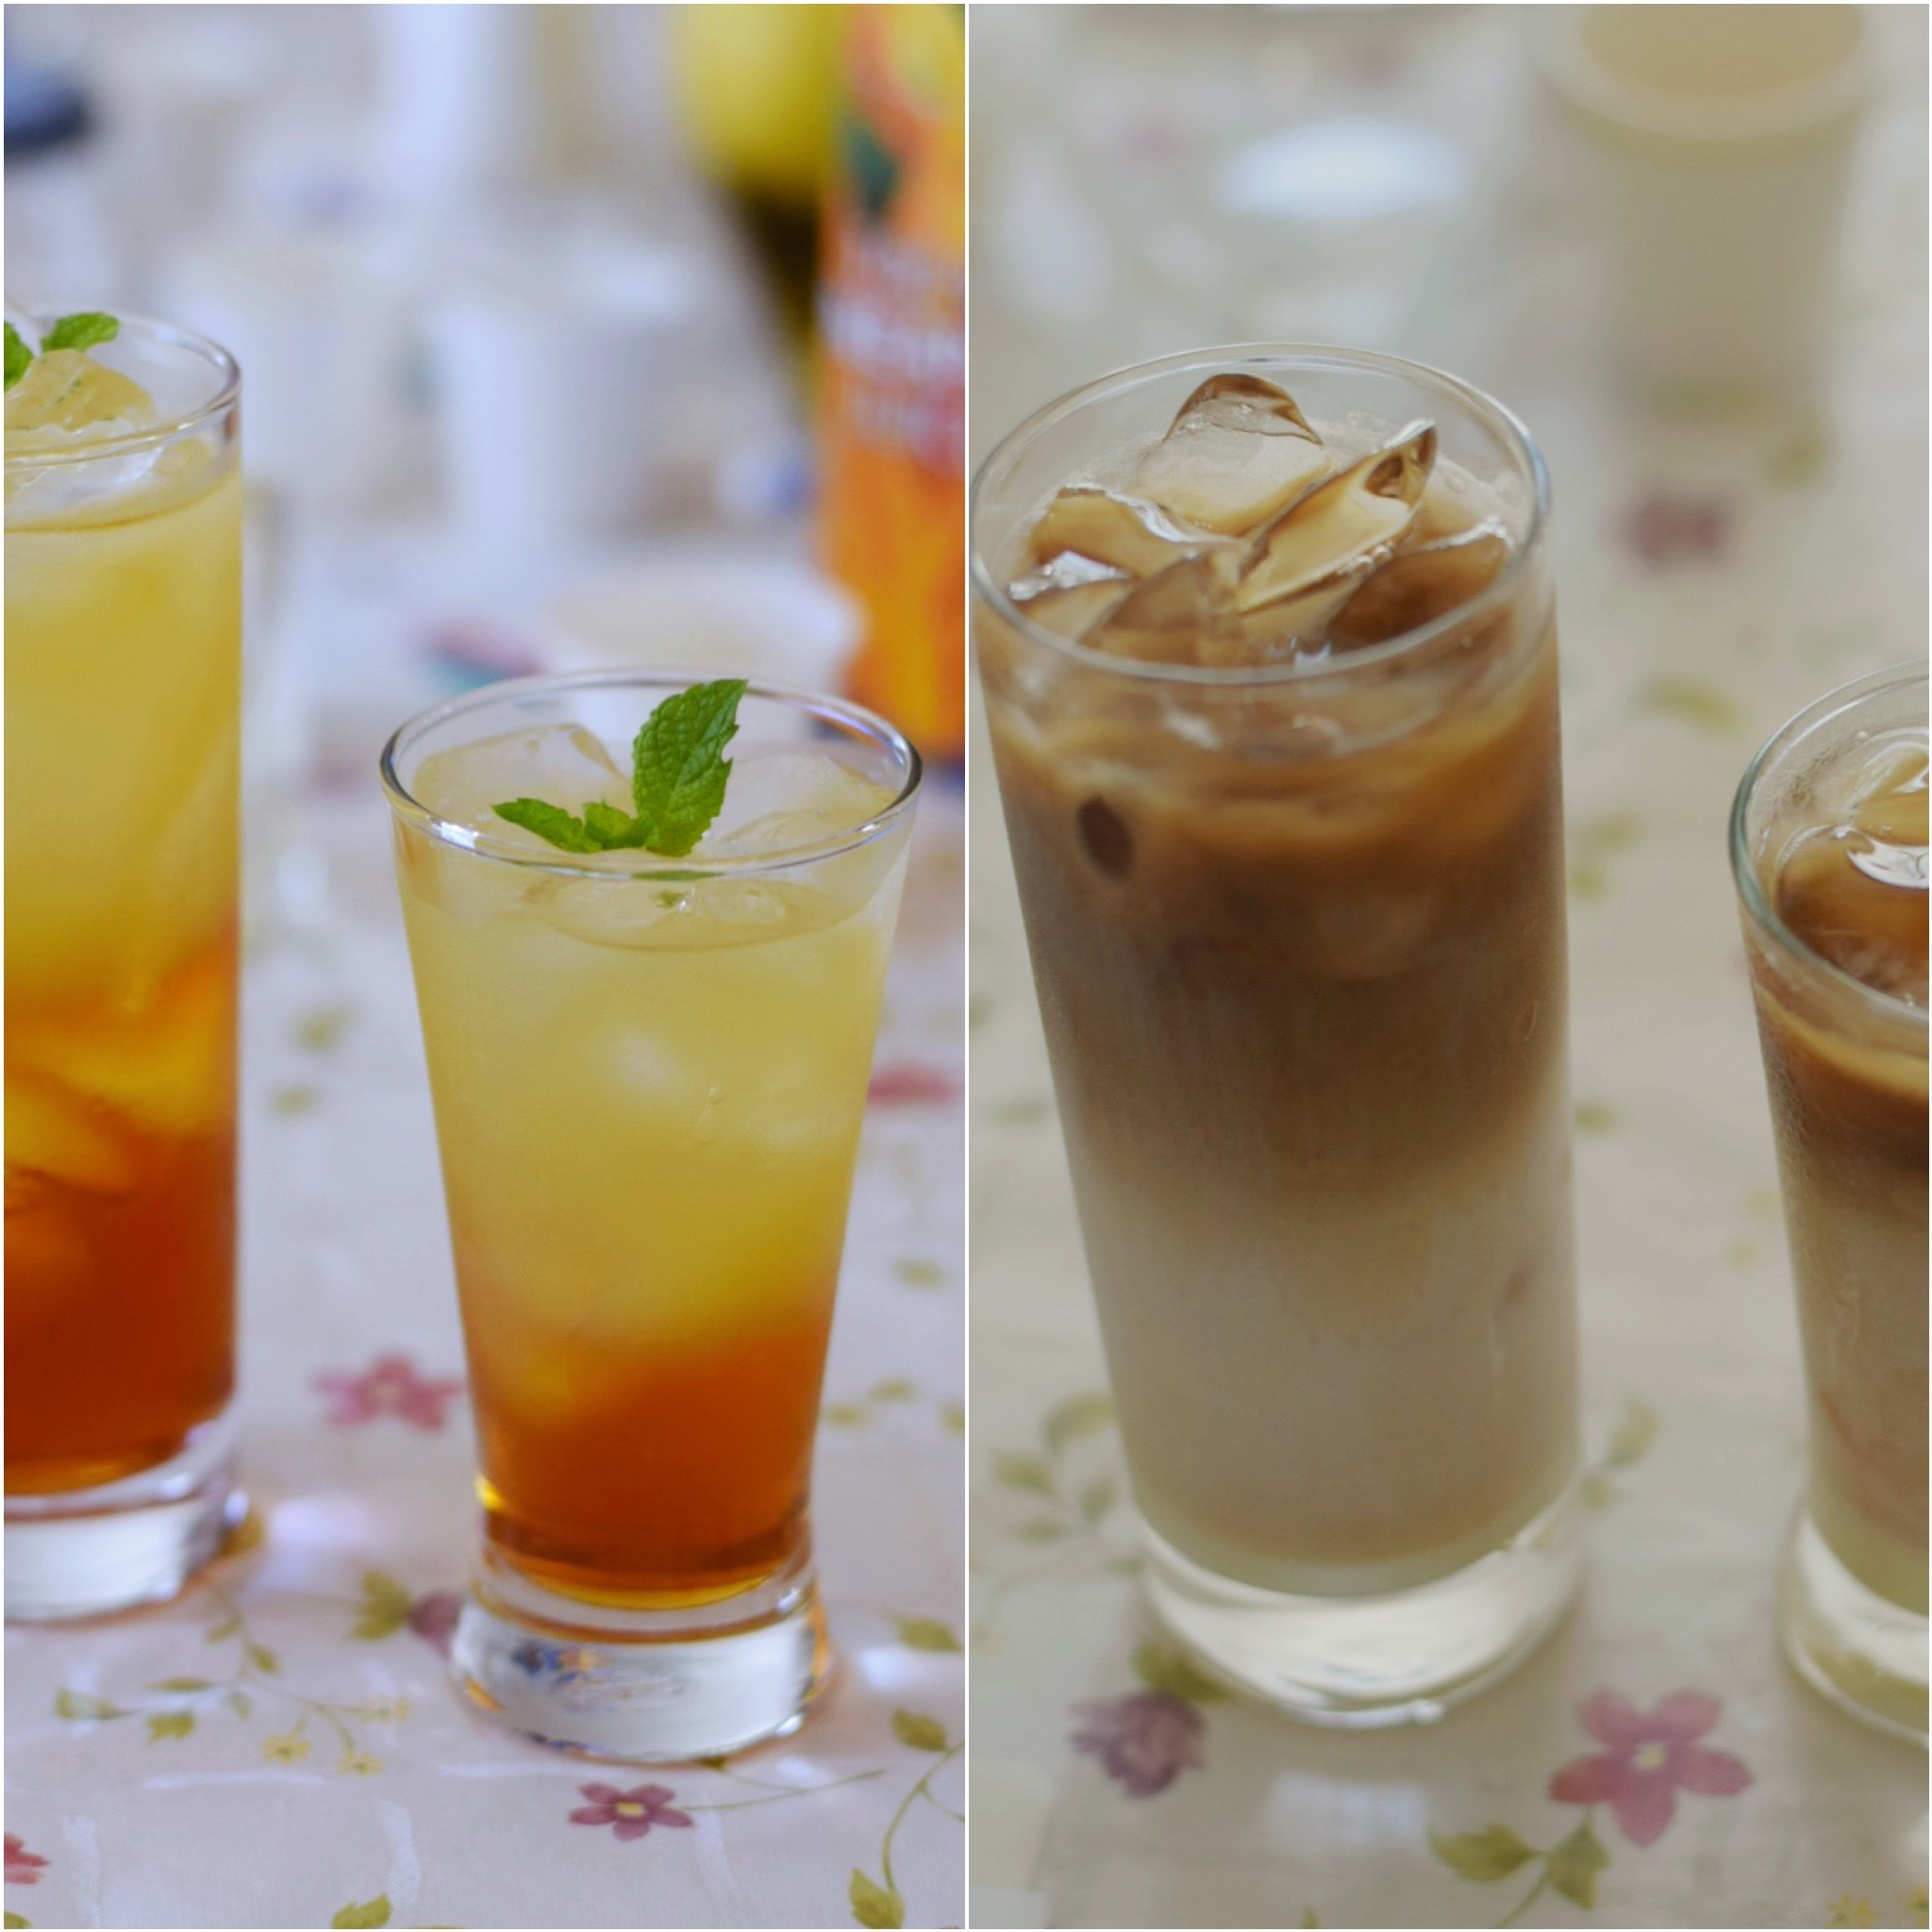 アレンジアイスティー(紅茶研究会)_e0260071_22591710.jpg